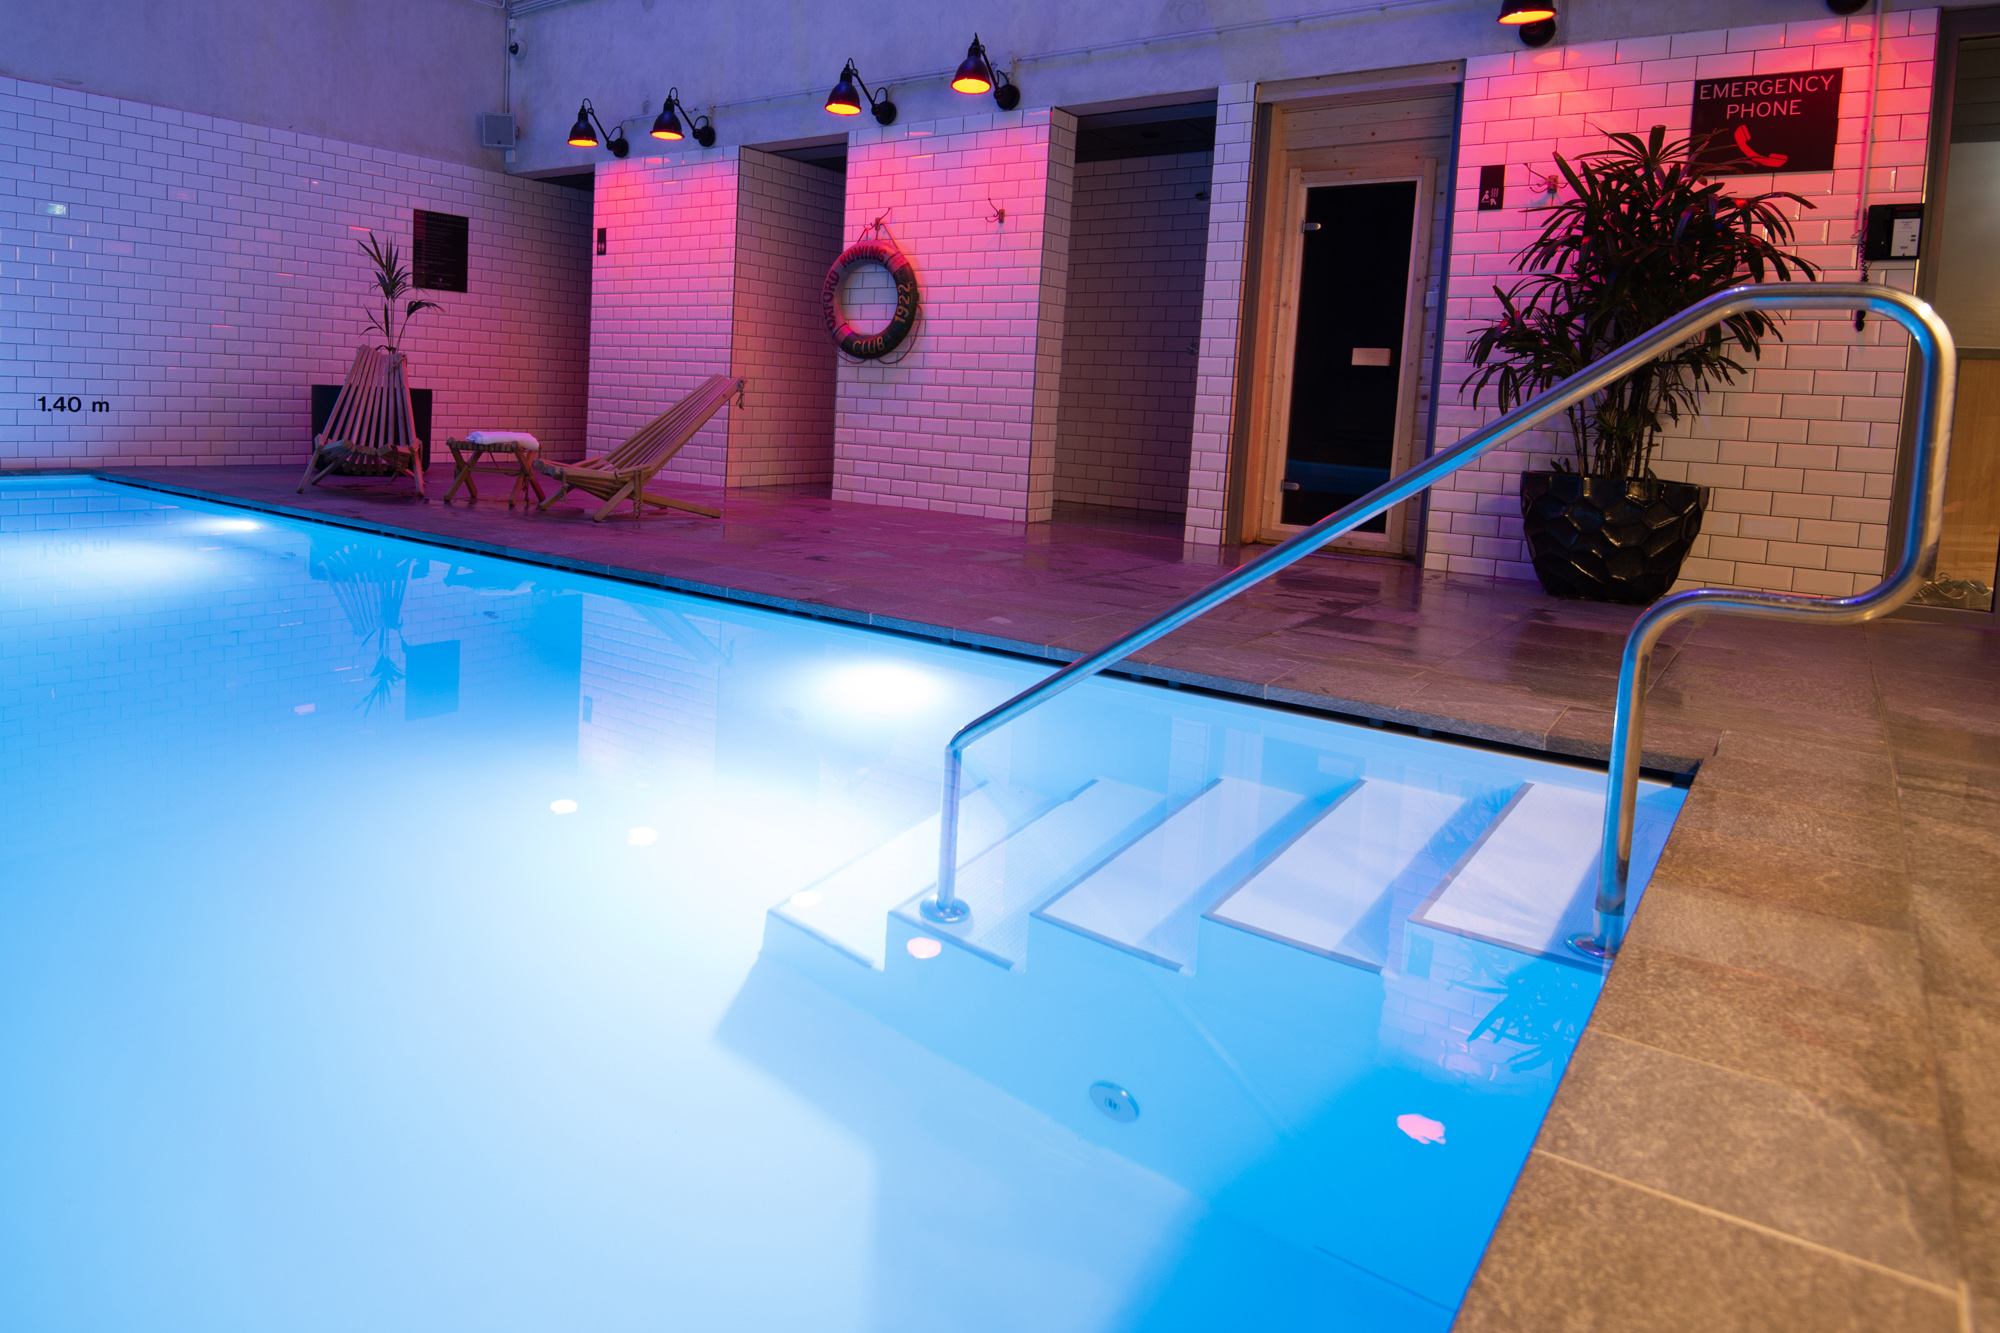 Veltmann Custom Schwimmbecken beispielsweise mit versteckter Überlaufrinne